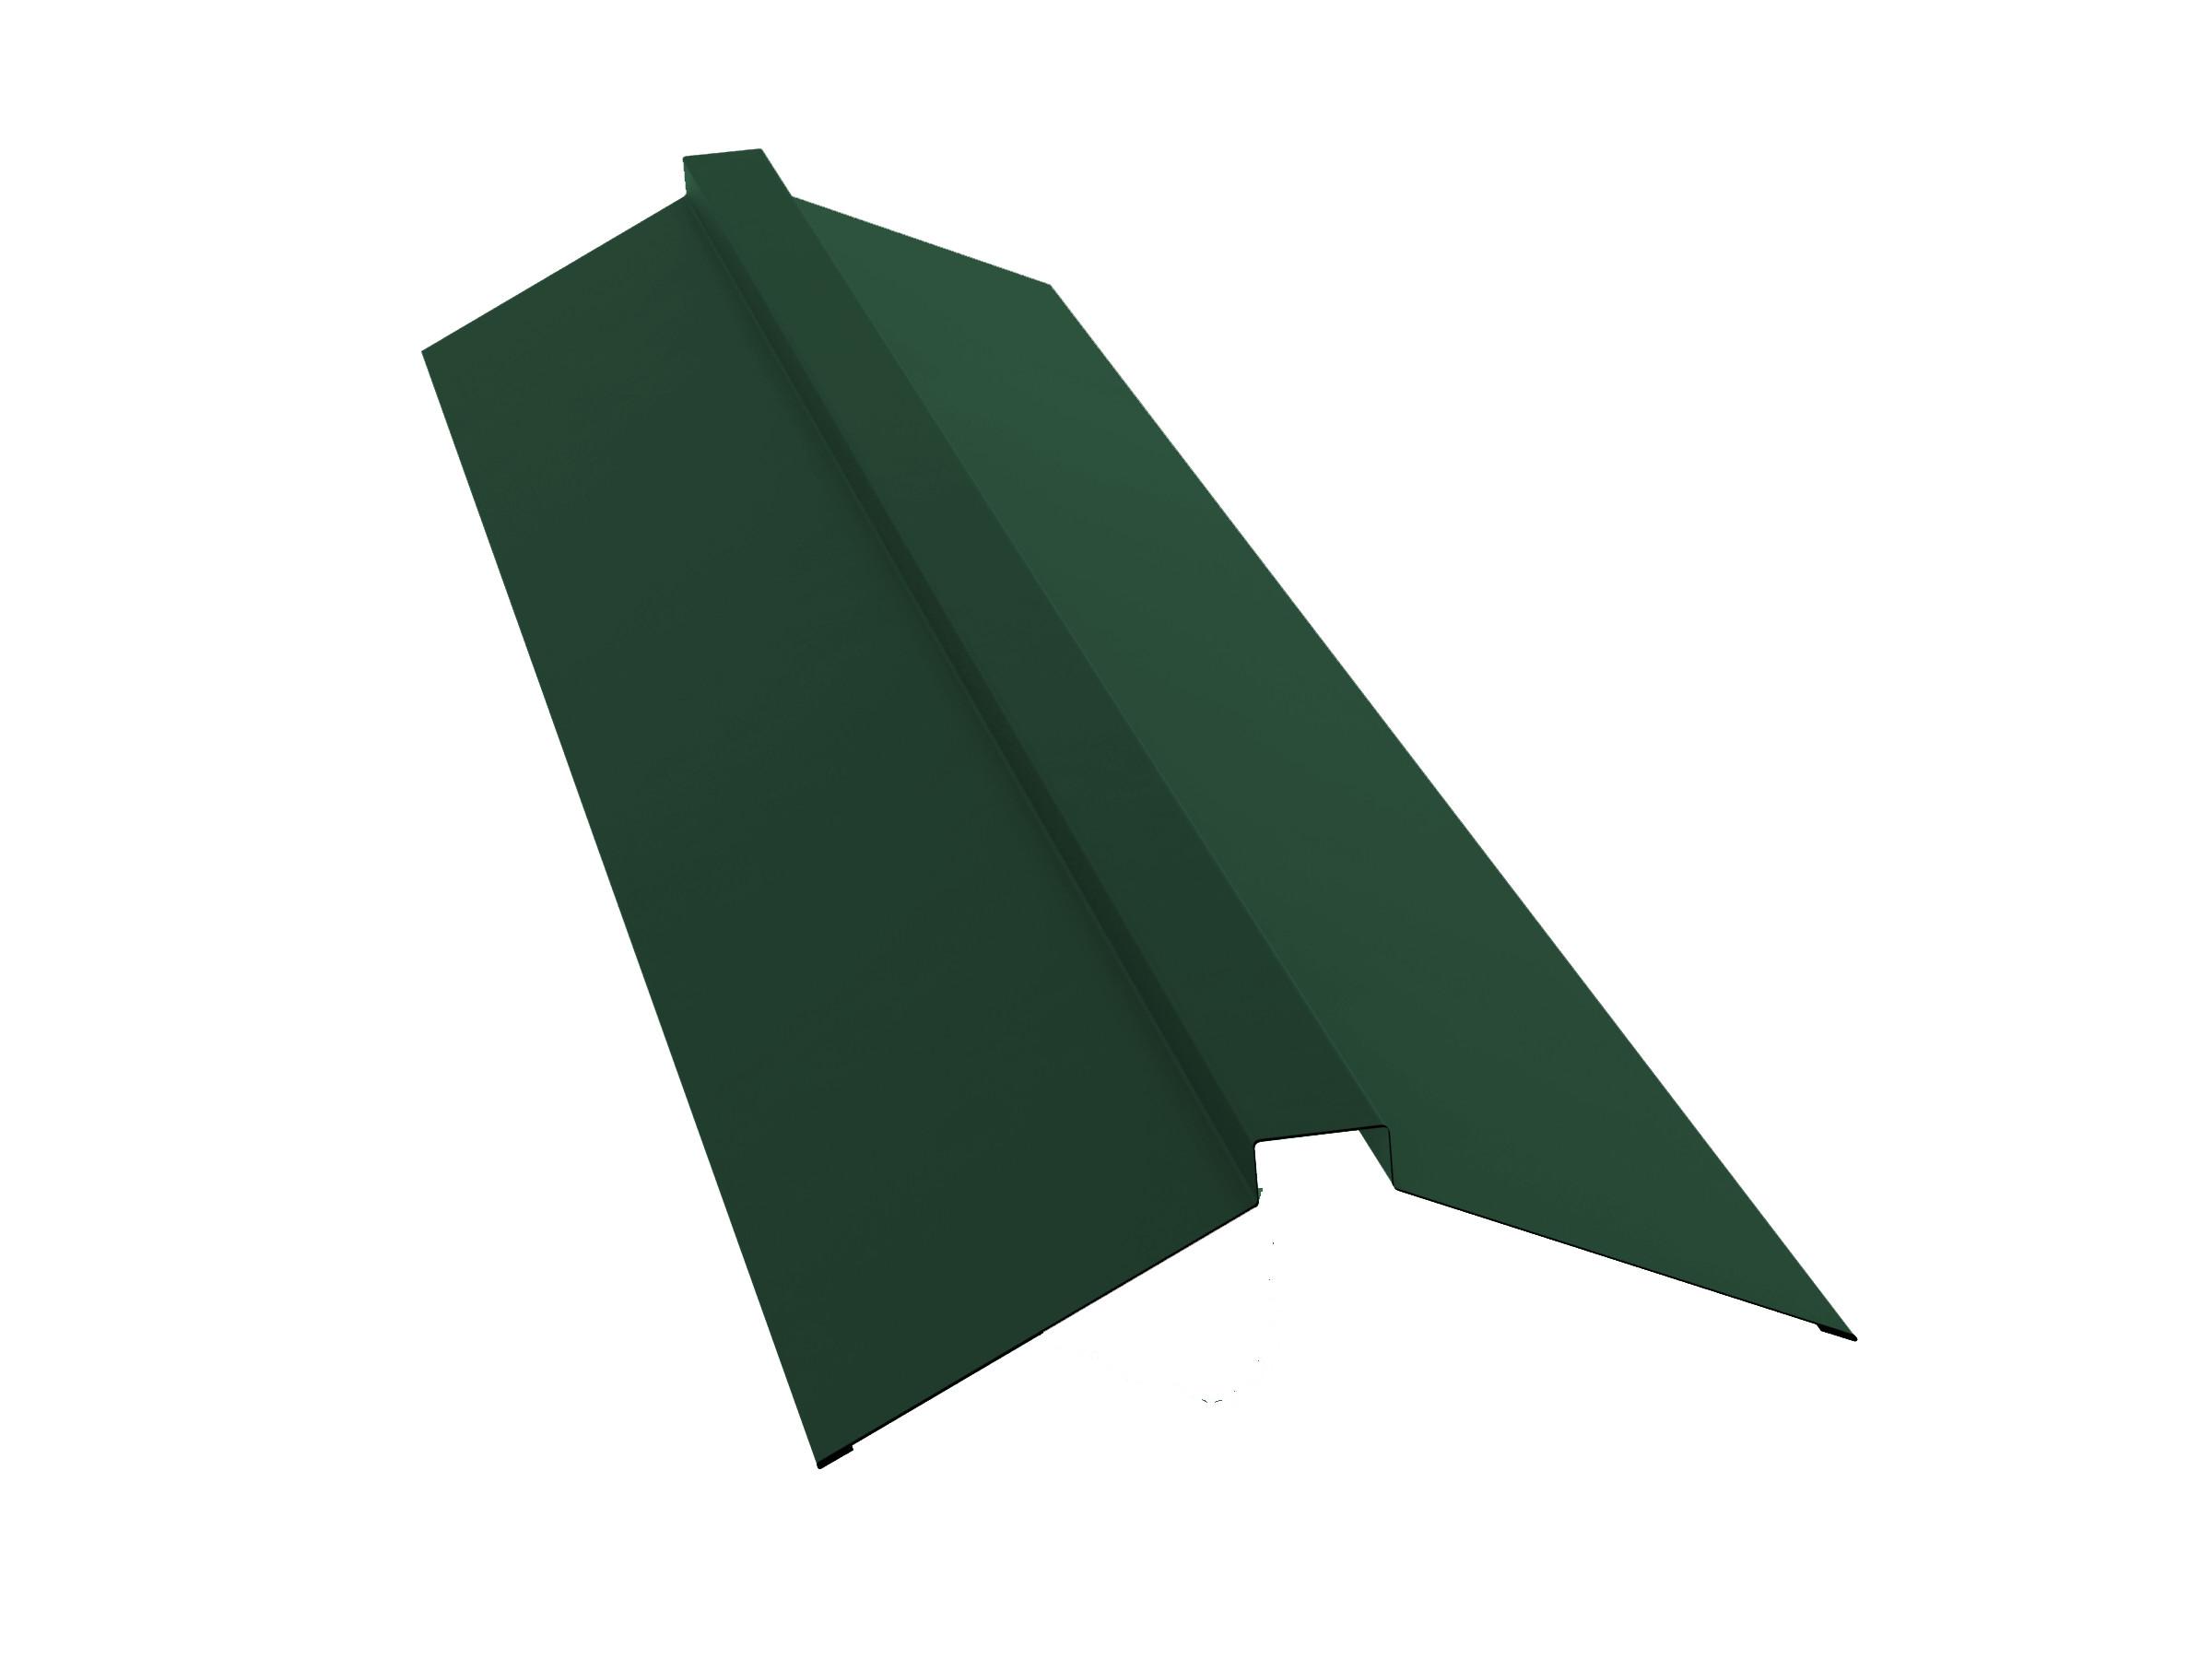 Конек для металлочерепицы плоский с пазом, 2м зеленый RAL 6005